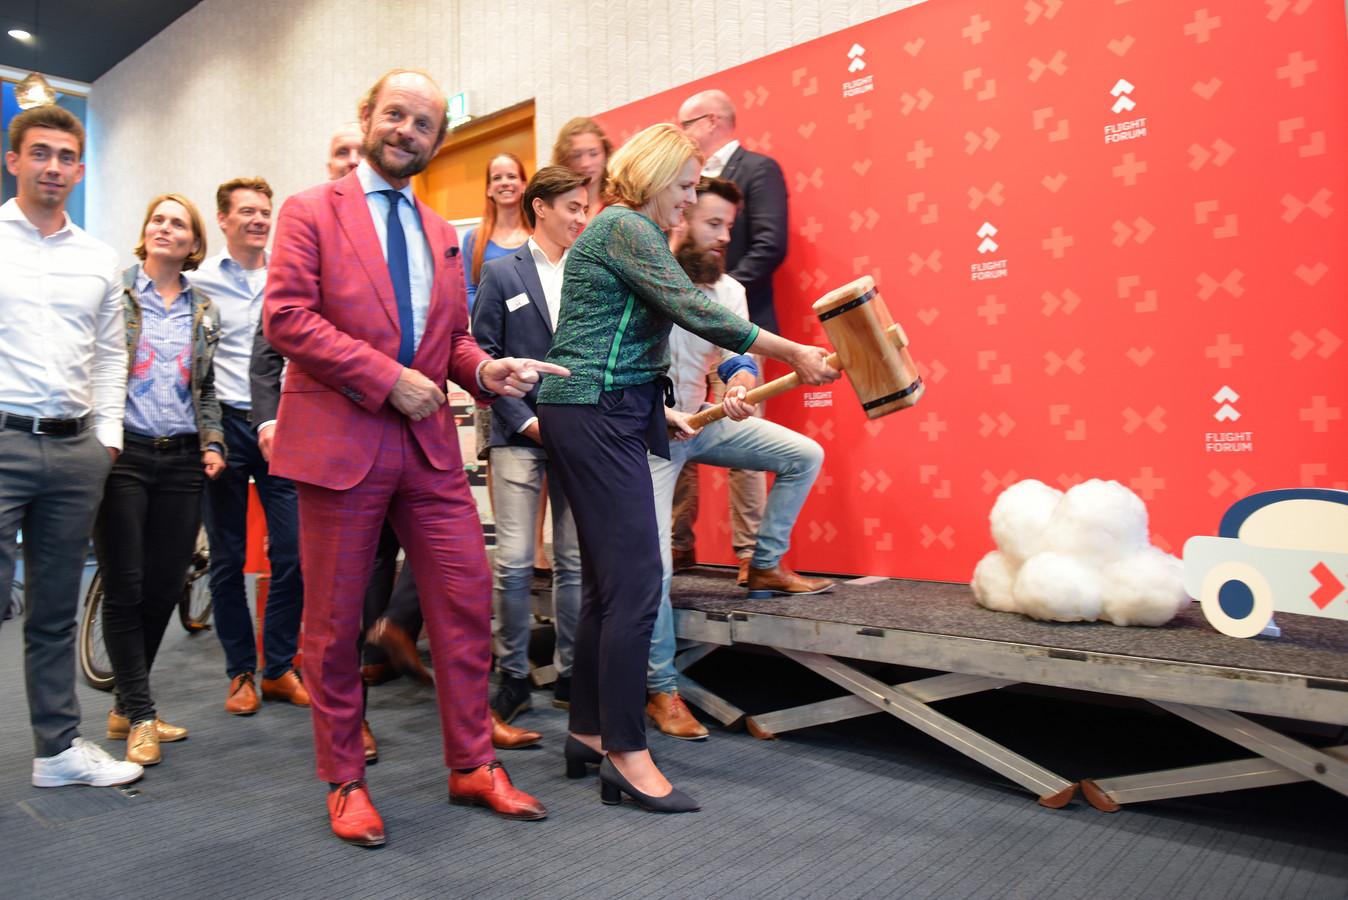 Wethouder Monique List (met hamer) gaf het startsein voor de Low Car Diet-campagne op Flight Forum in Eindhoven. Links naast haar Eduard Schaepman, rechts Aral Voskamp.